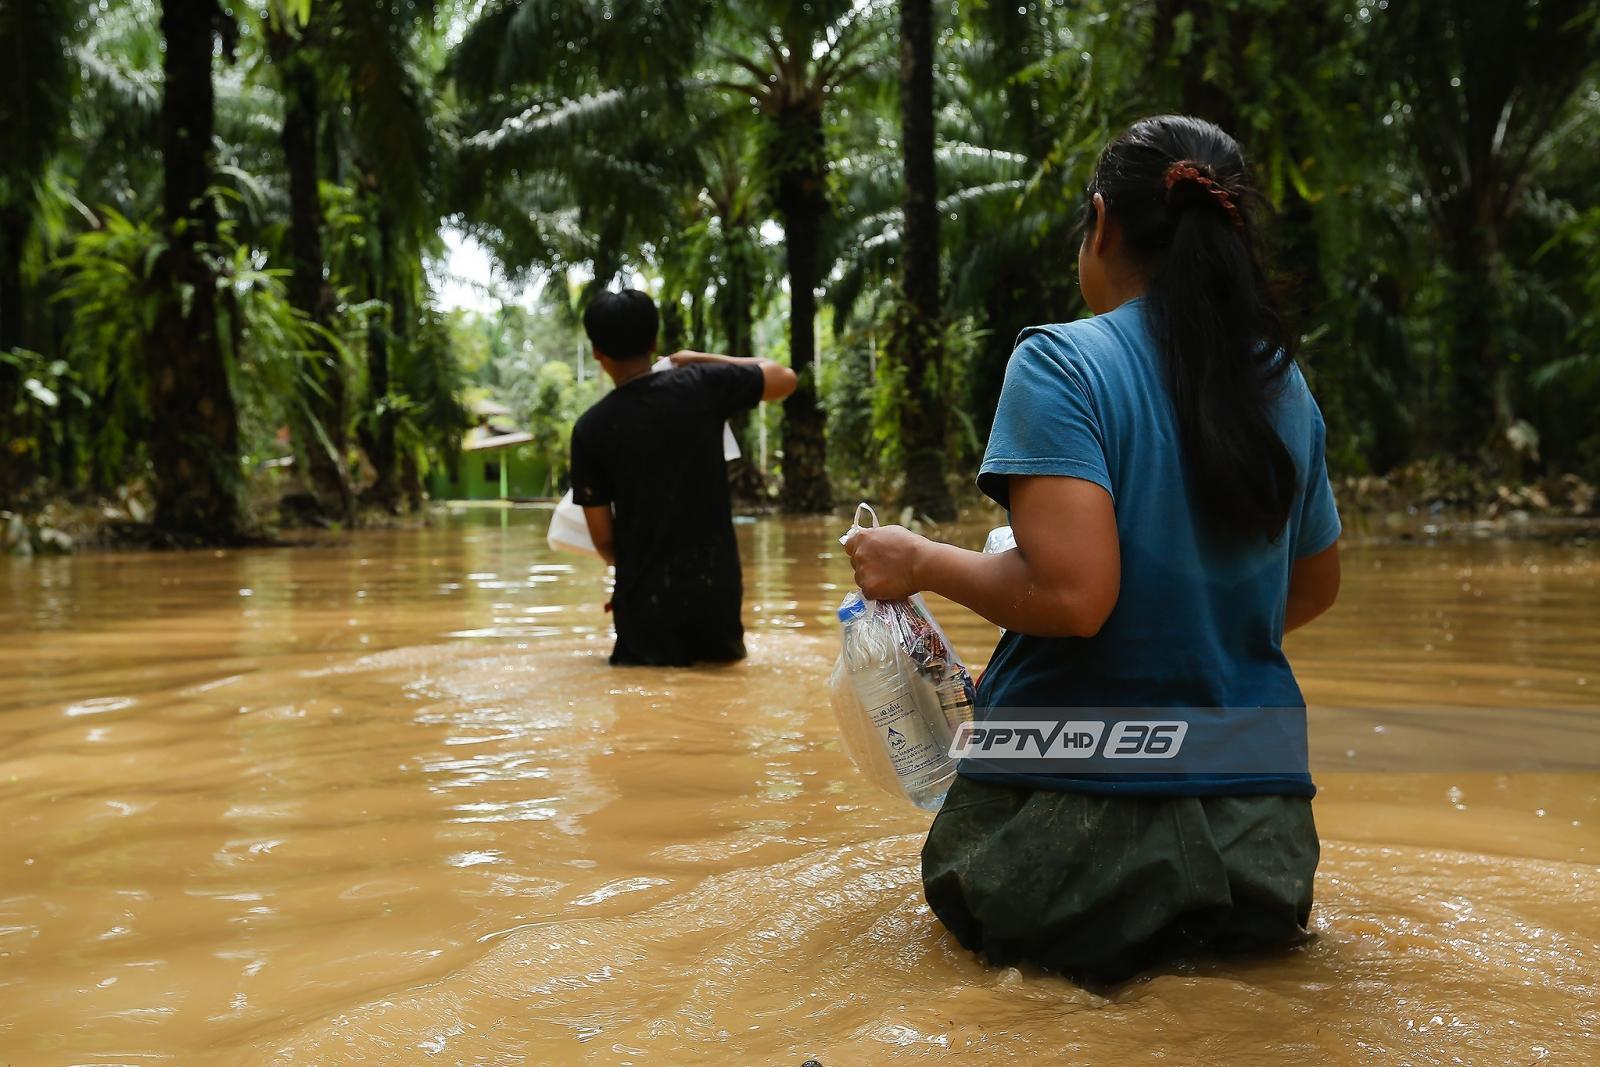 เจ้าหน้าที่เร่งช่วยชาวบ้าน อ.ท่าแซะ หลังน้ำท่วม 3 วัน